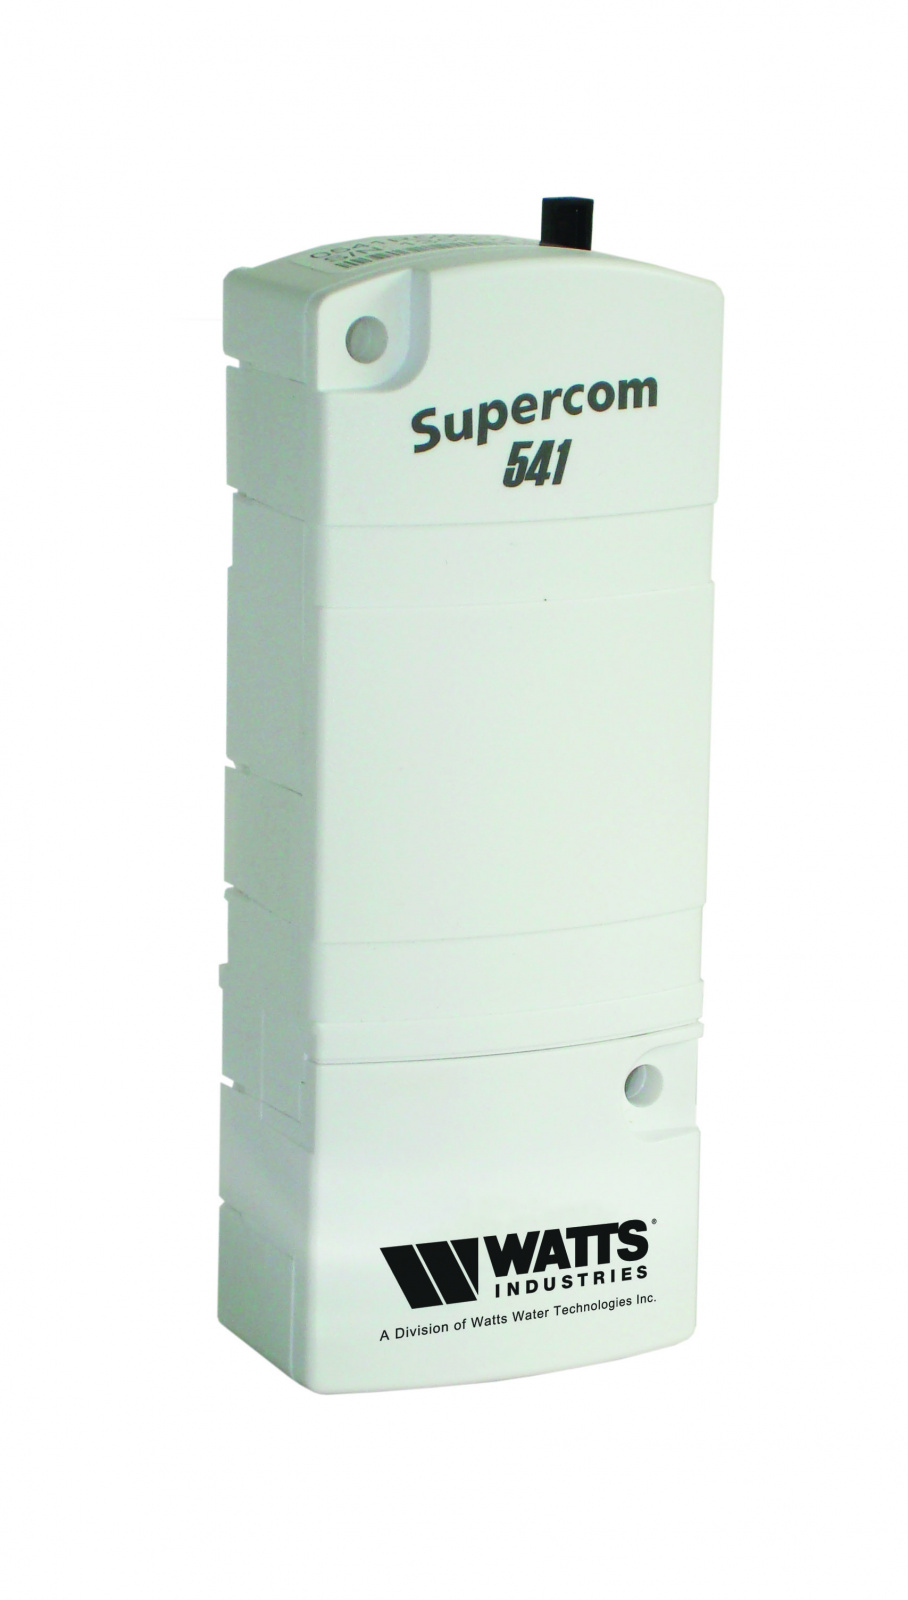 Supercom 541